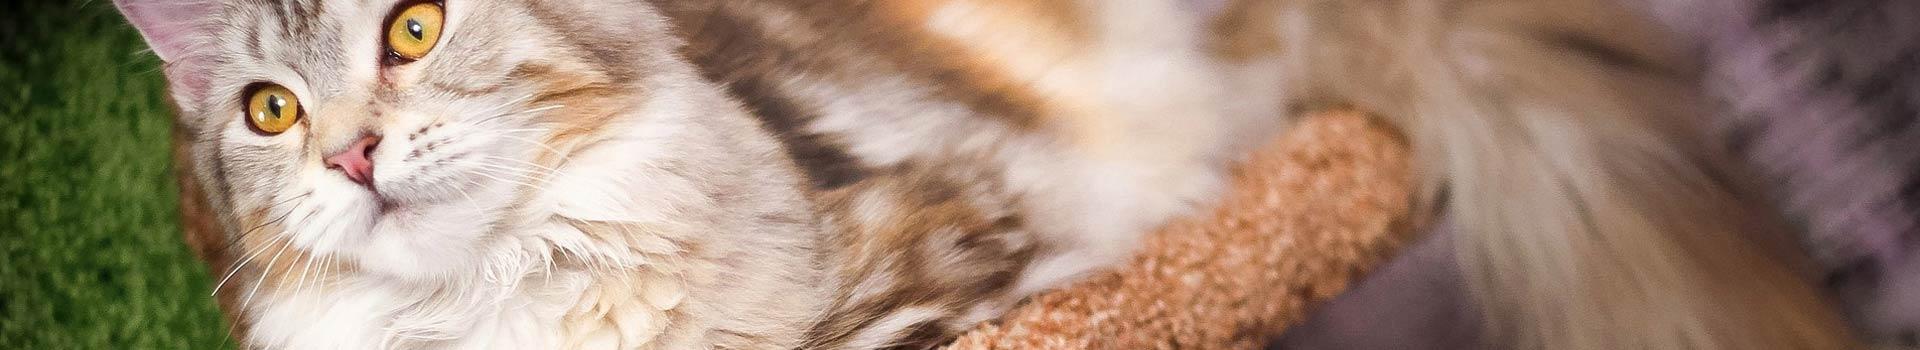 Kratzbaum XXL für grosse Katzen wie Maine Coon